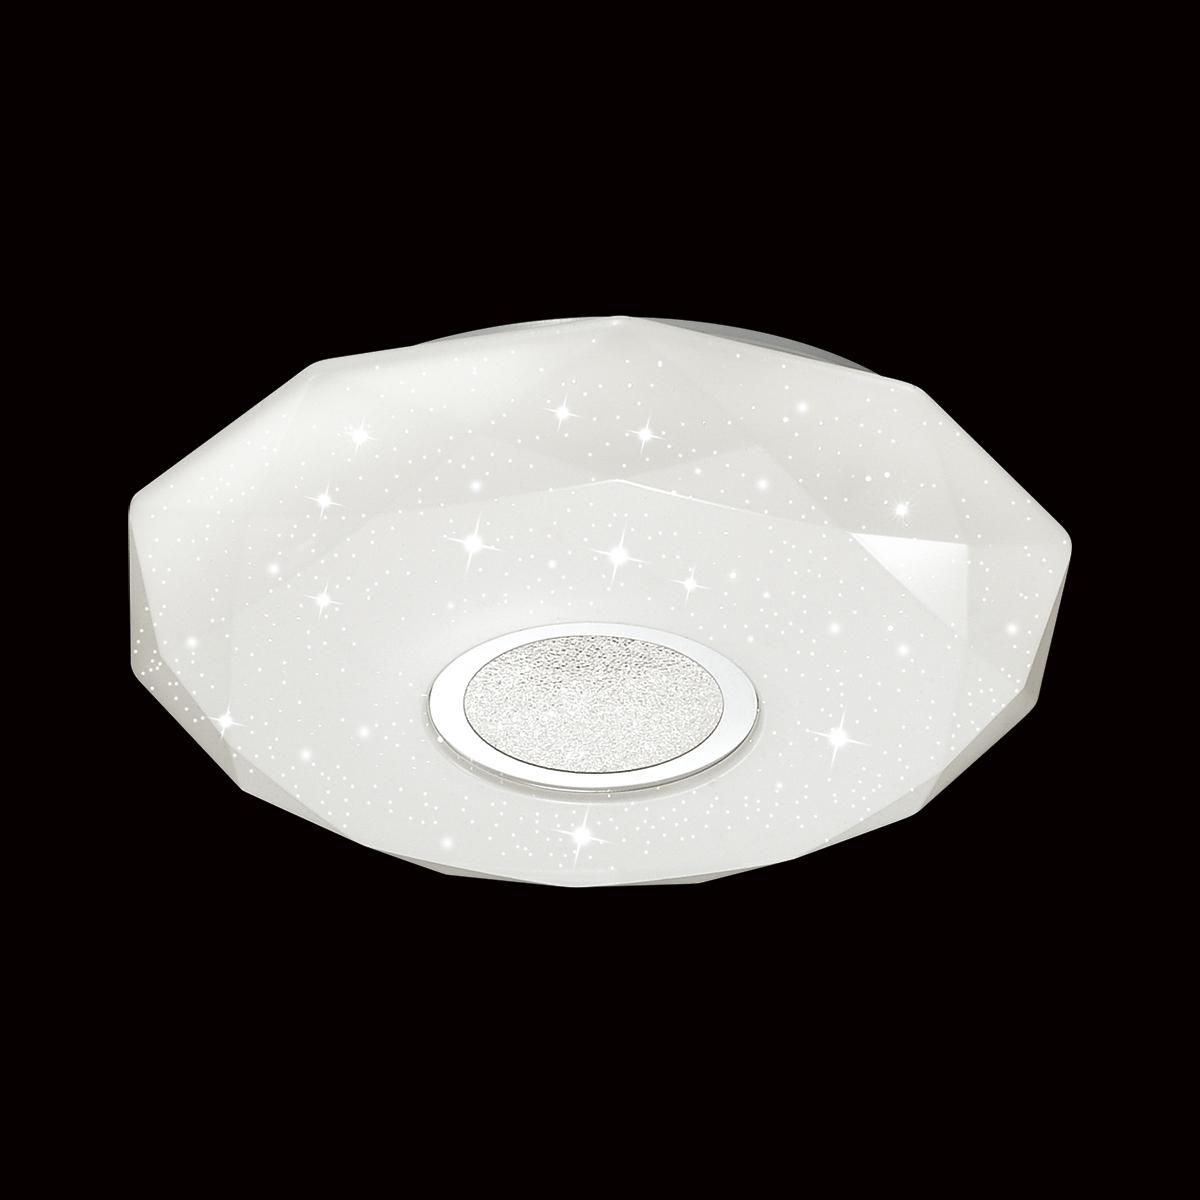 Потолочный светодиодный светильник Sonex Prisa 2057/DL, IP43, LED 48W 2360lm, белый, прозрачный, хром, металл, пластик - фото 4